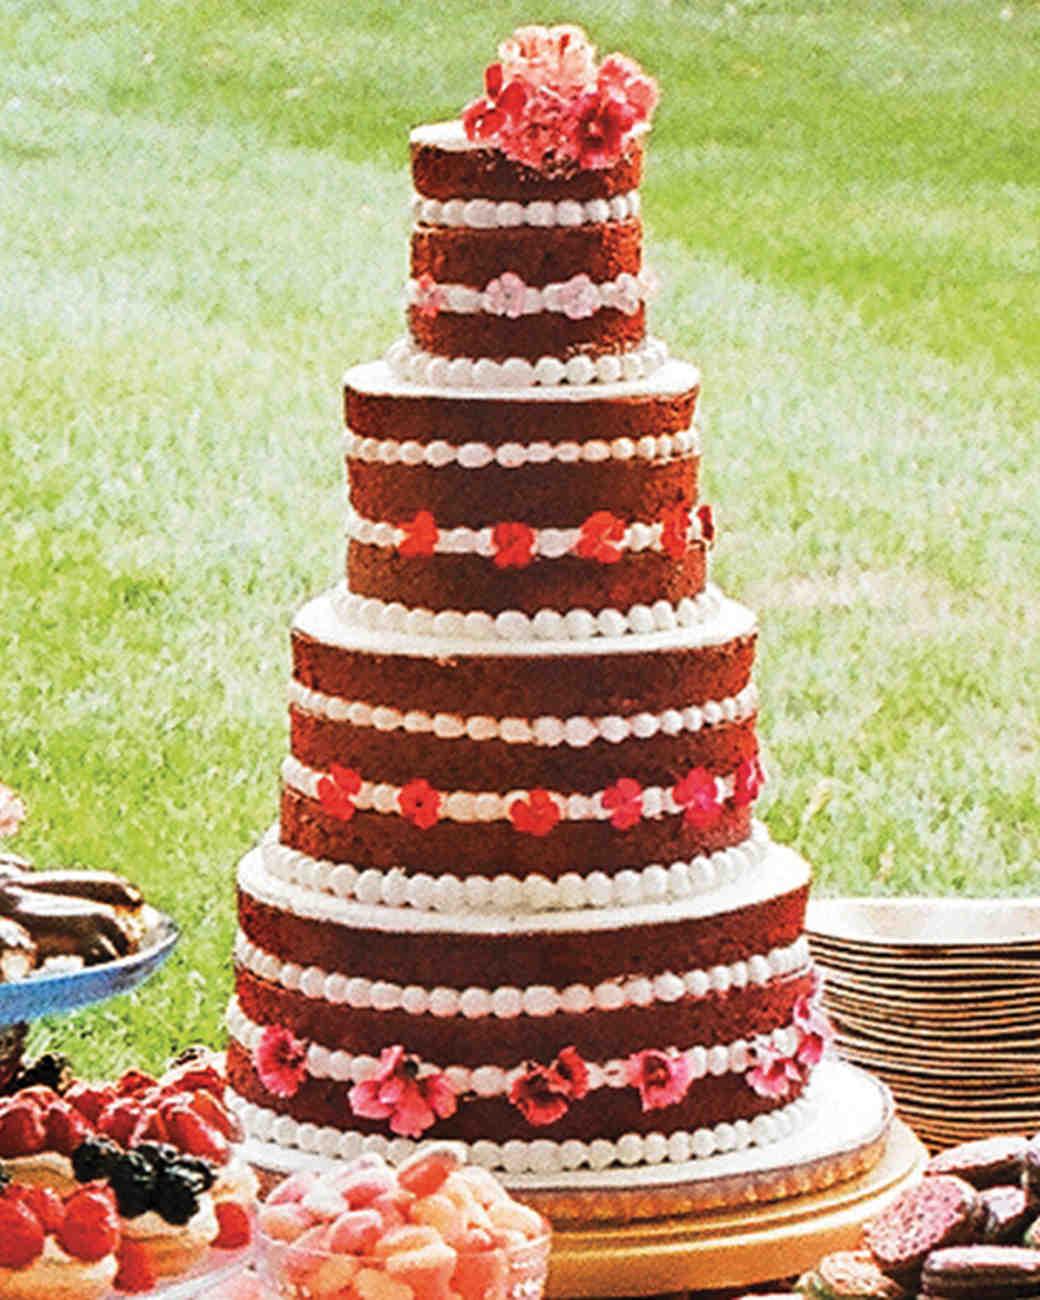 mfiona-peter-wedding-vermont-red-velvet-crop-d112512_vert.jpg